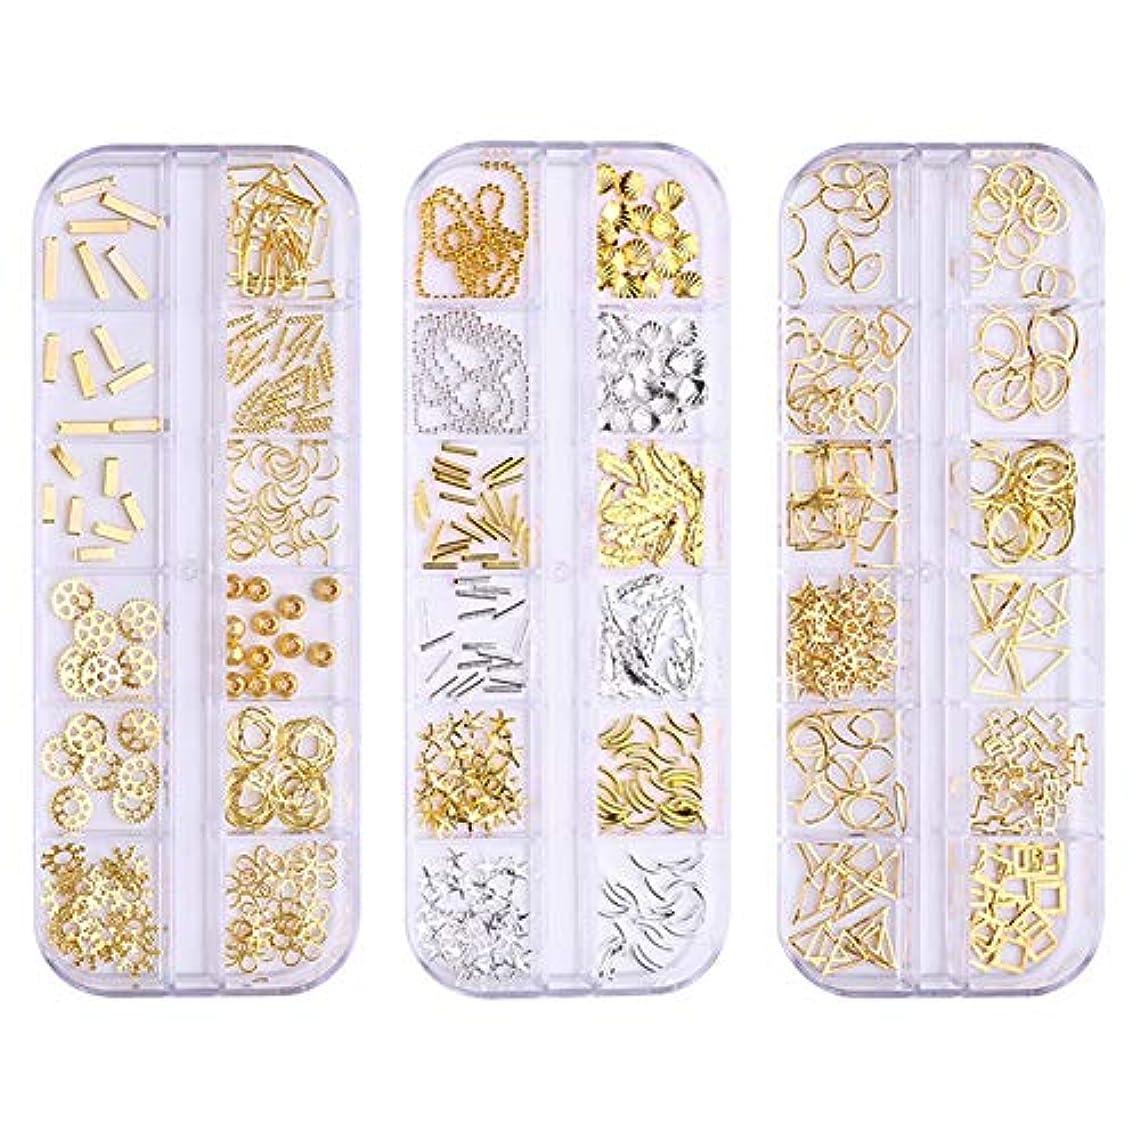 BORN PRETTY ネイルデコパーツ3ボックスセット ネイル フレームパーツ 12個口ケース入り 形いろいろミックス ヘアアクセ デコパーツ ミックス 手芸 ハンドメイド アクセサリー製作